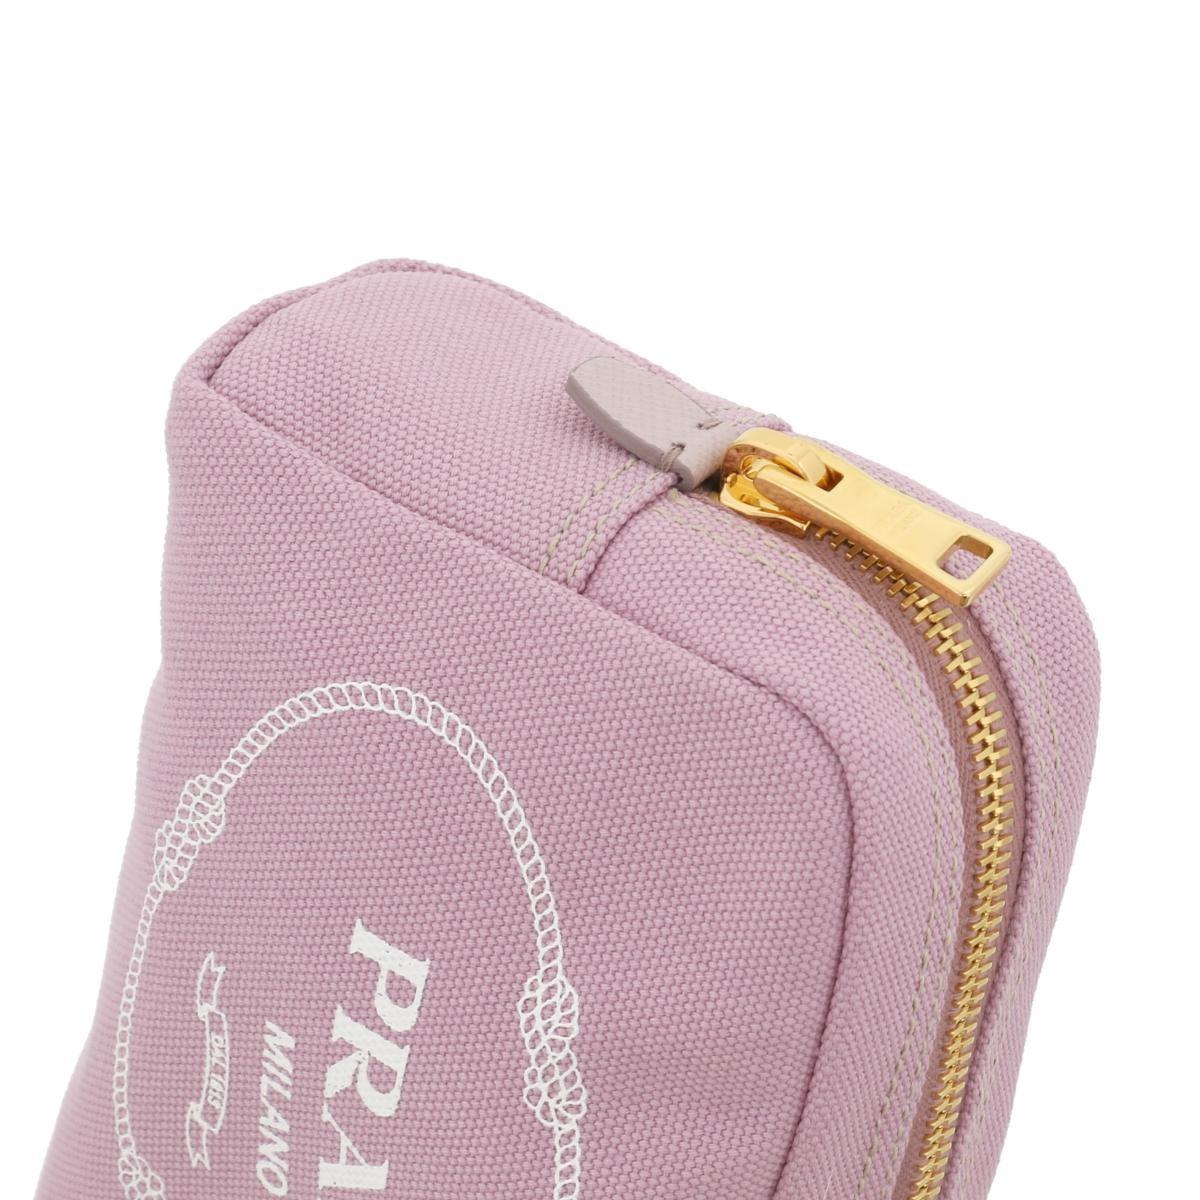 【お値下げ品】【中古】 PRADA (プラダ) カナパロゴ コスメポーチ バッグ セカンドバッグ/ポーチ/クラッチ  Pink 1NA021 used:A